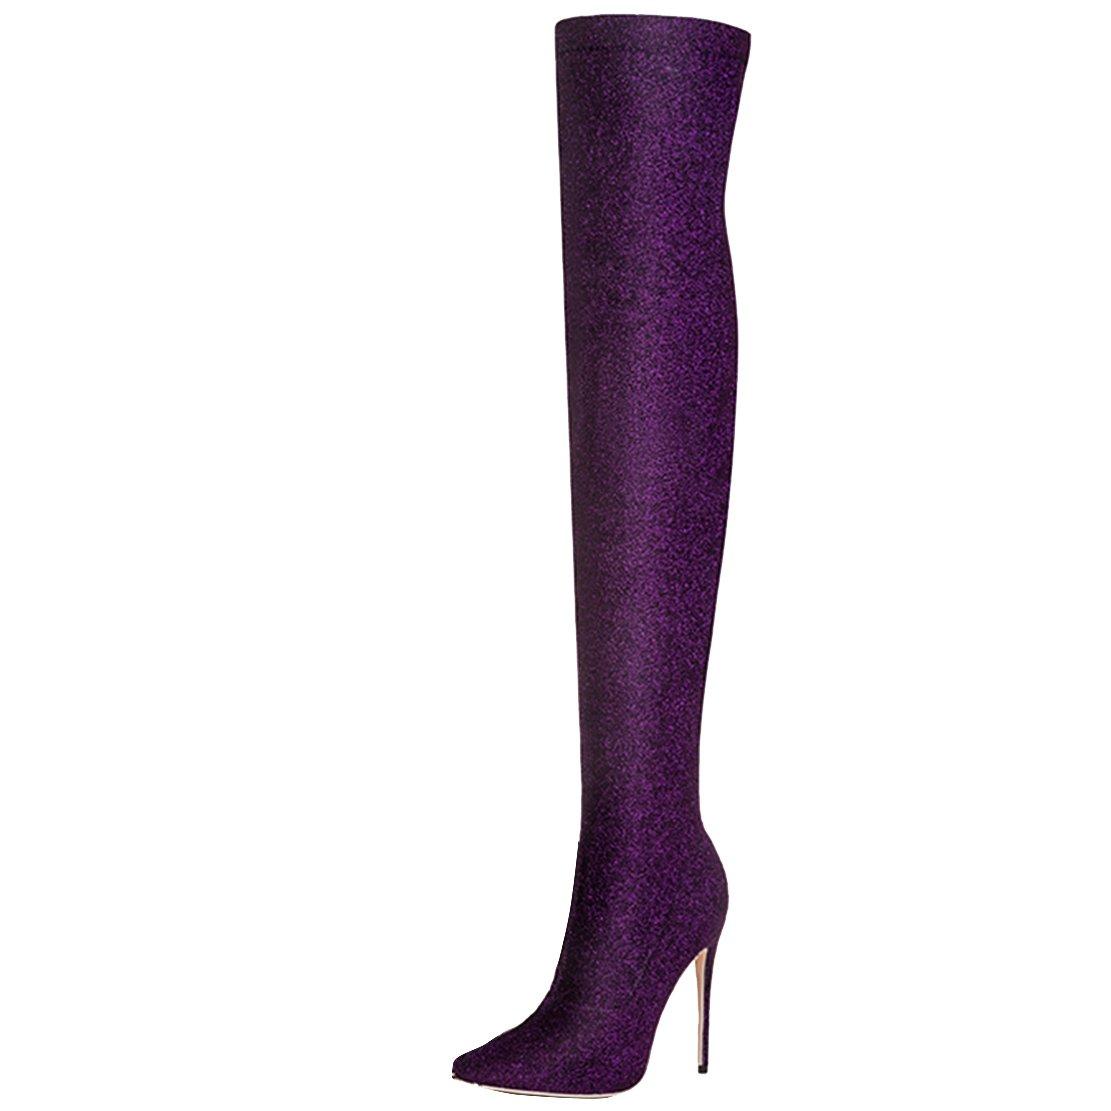 AIYOUMEI Damen Spitz Schnellverschluss Overknee Stiefel mit 12cm Absatz Stiletto High Heels Elegant Abend Schuhe Lila